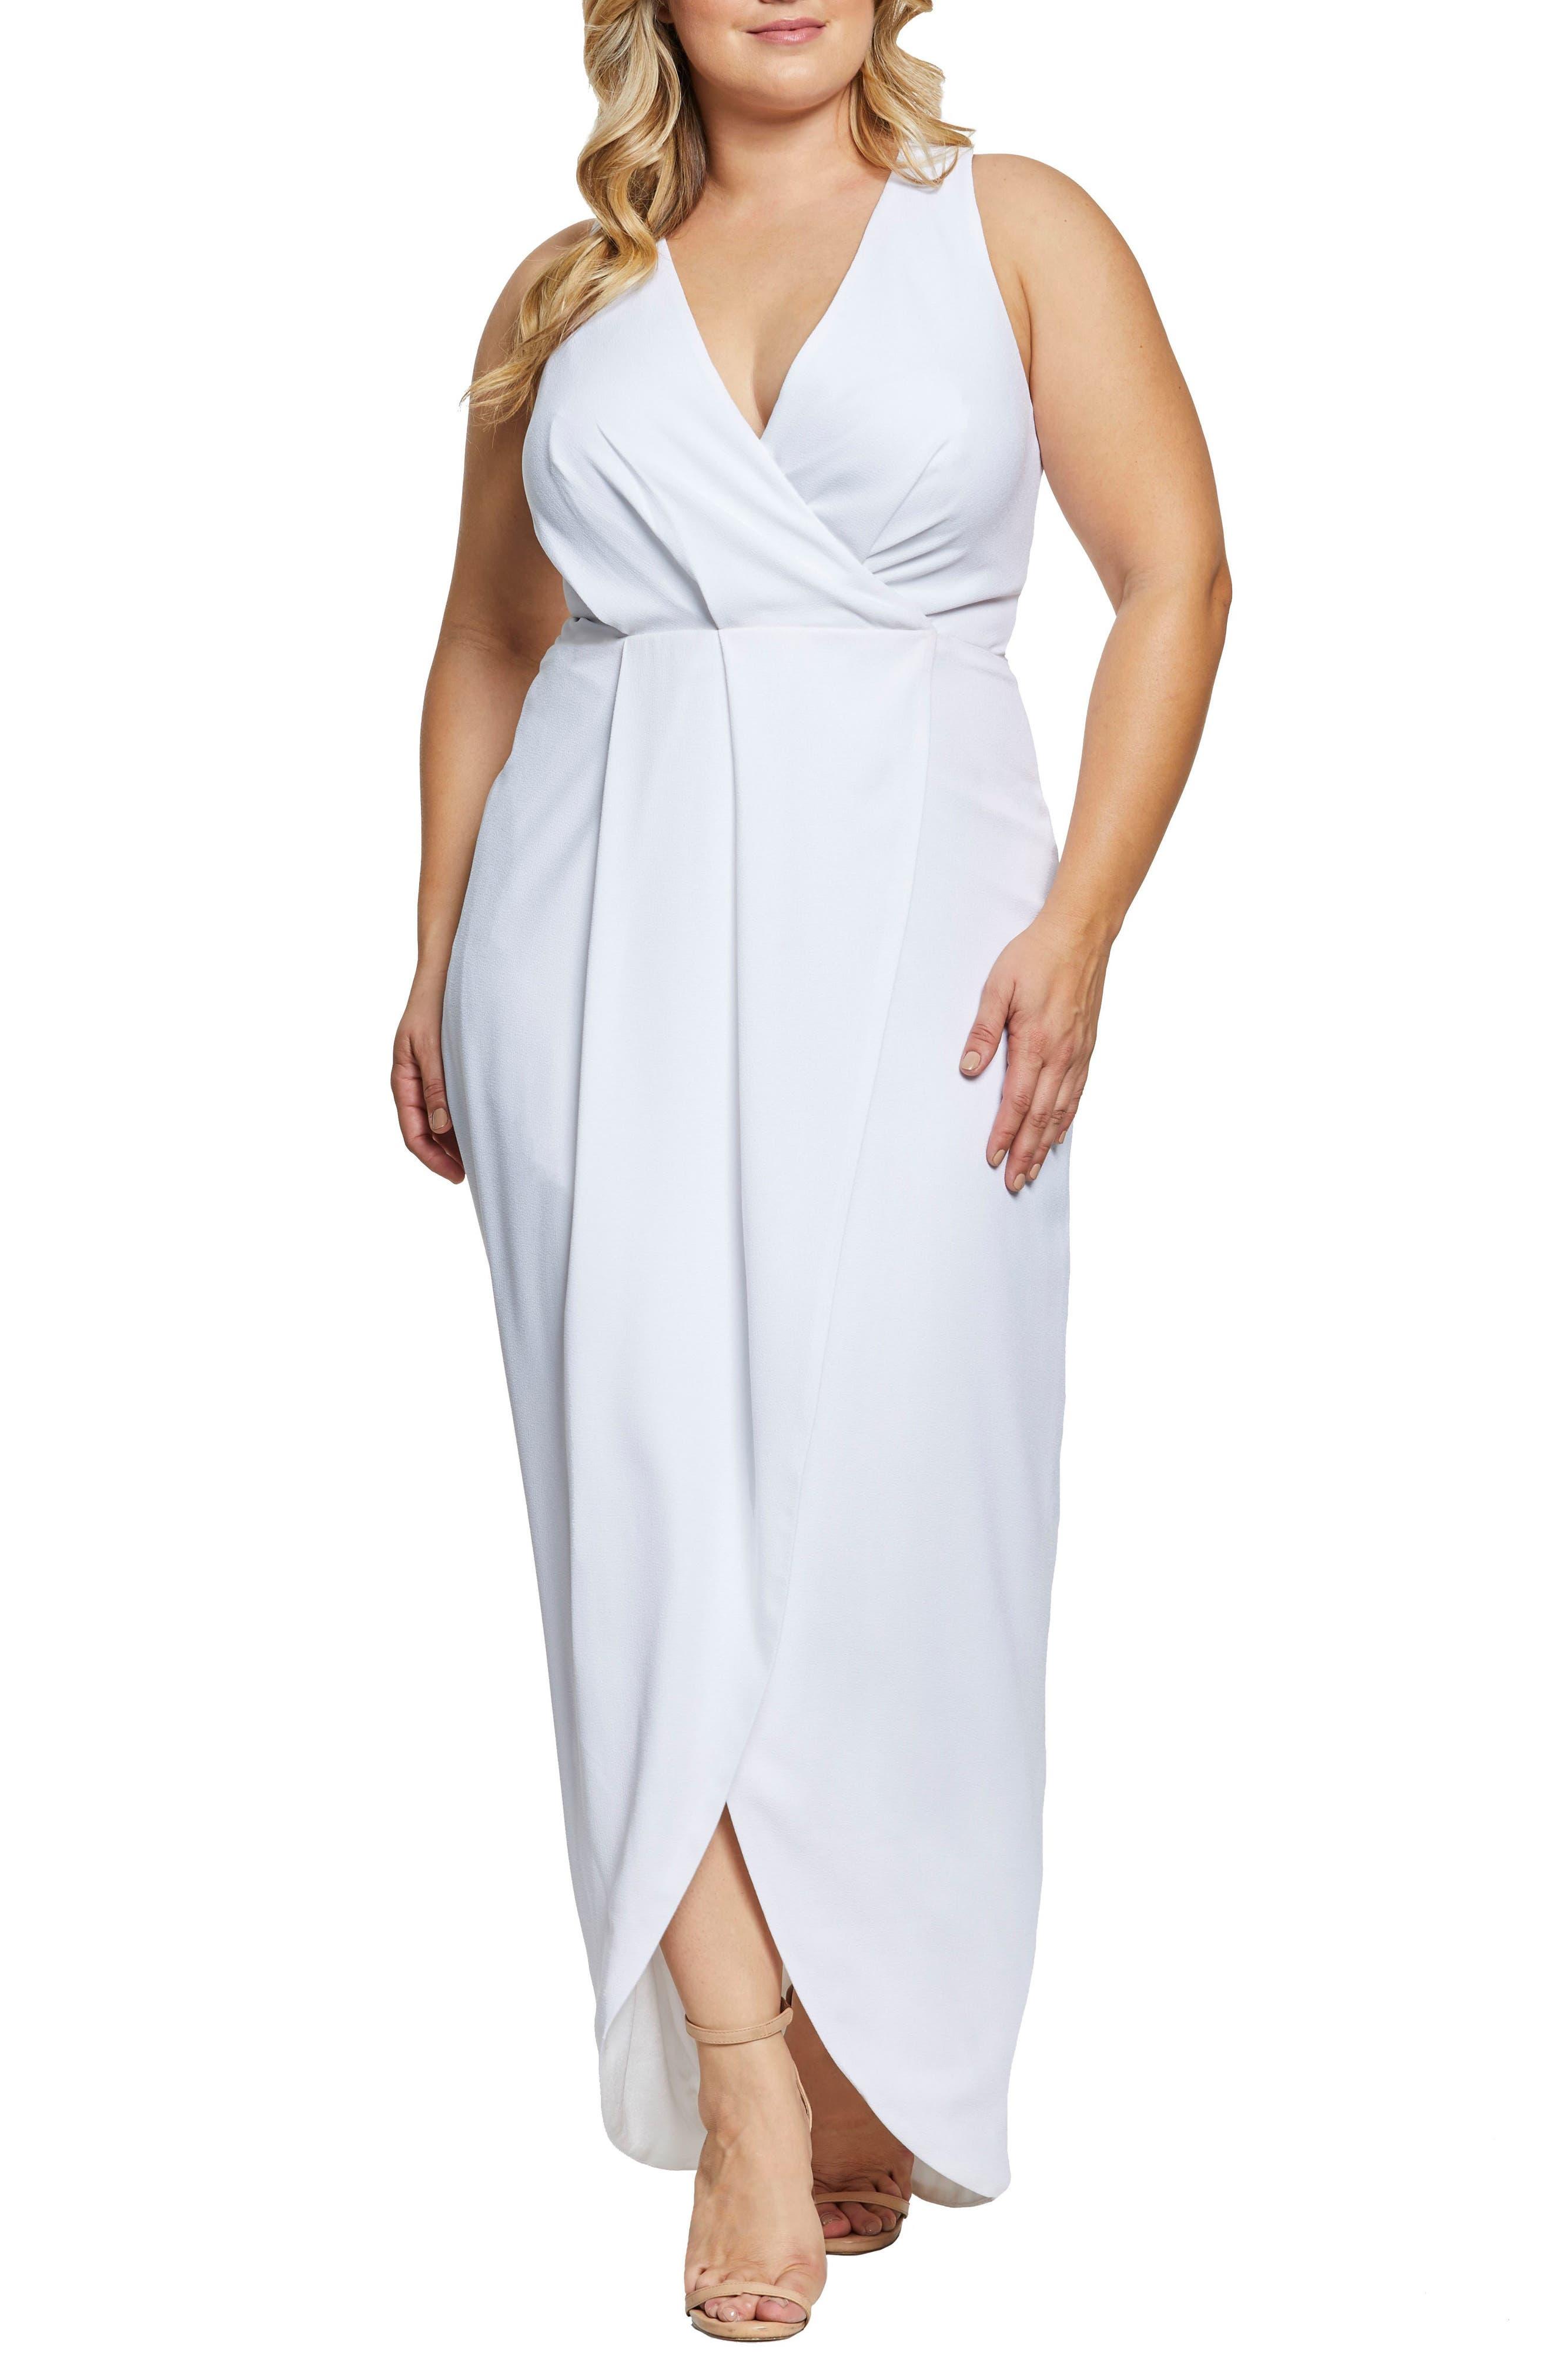 Plus Size Dress The Population Ariel Racerback Faux Wrap Evening Dress, Ivory